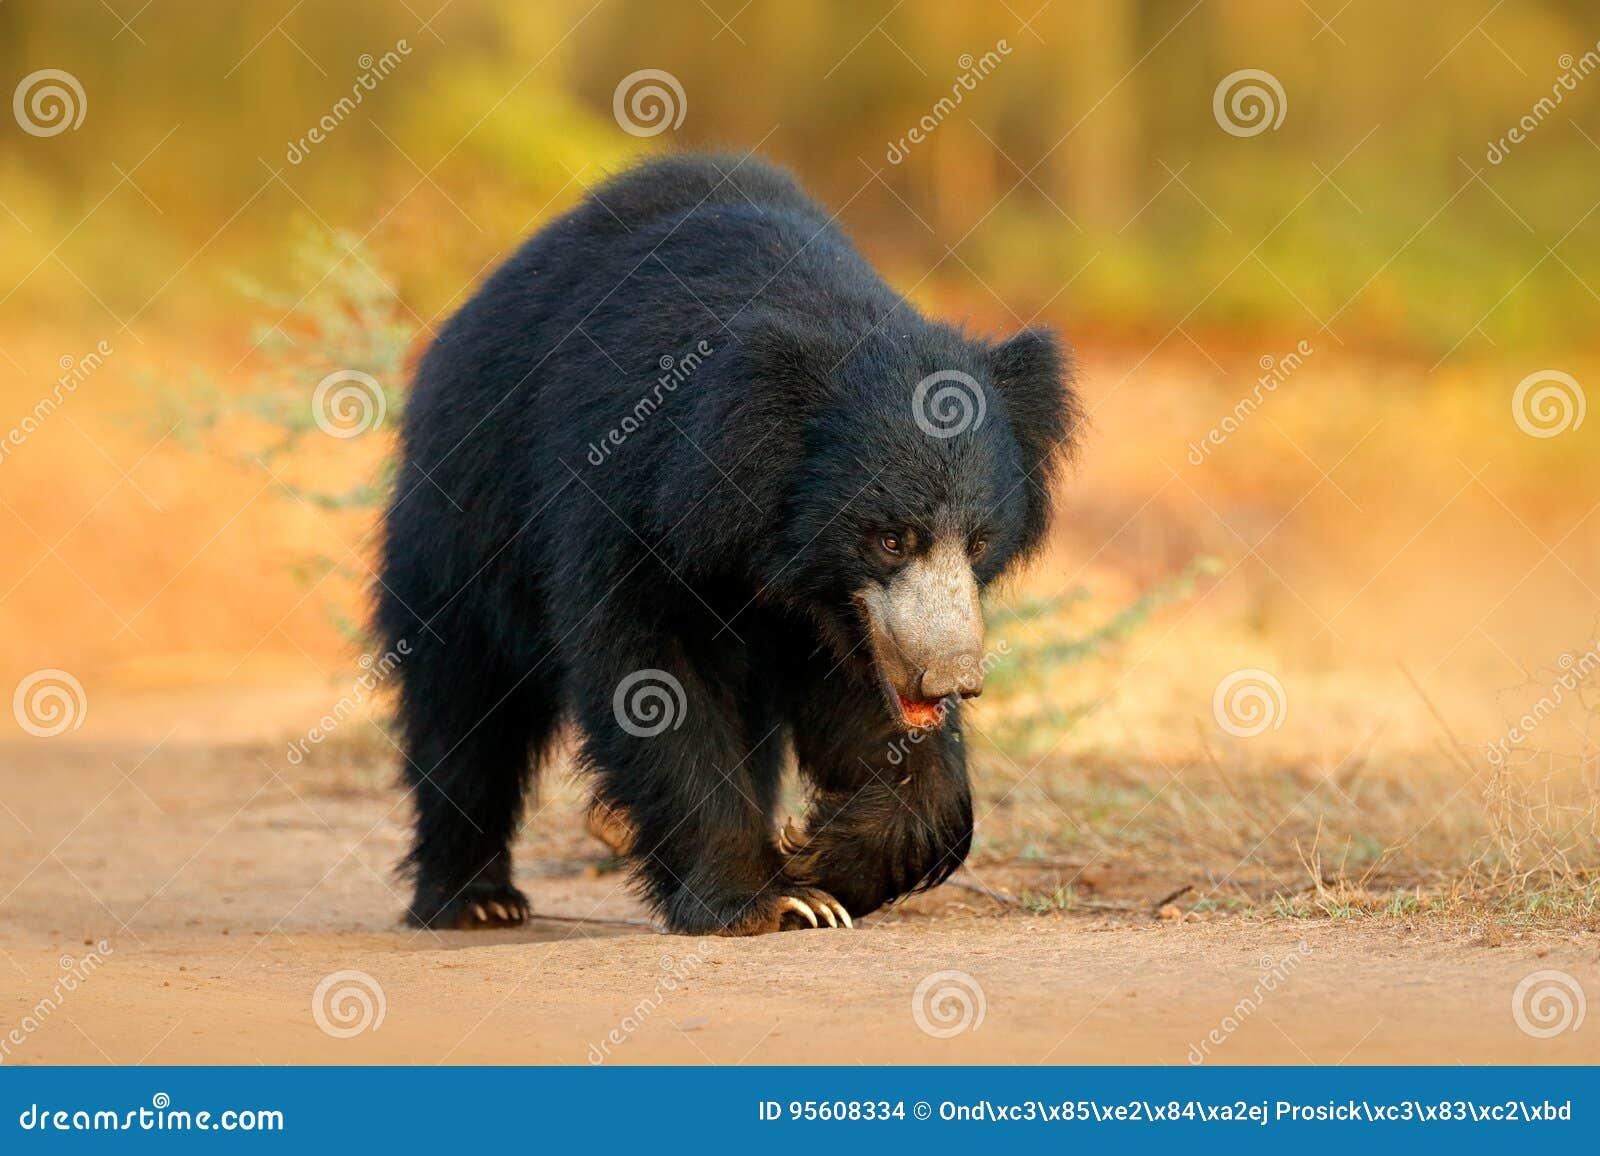 De luiaard draagt, Melursus-ursinus, het Nationale Park van Ranthambore, India De wilde Luiaard draagt starend direct bij camera,